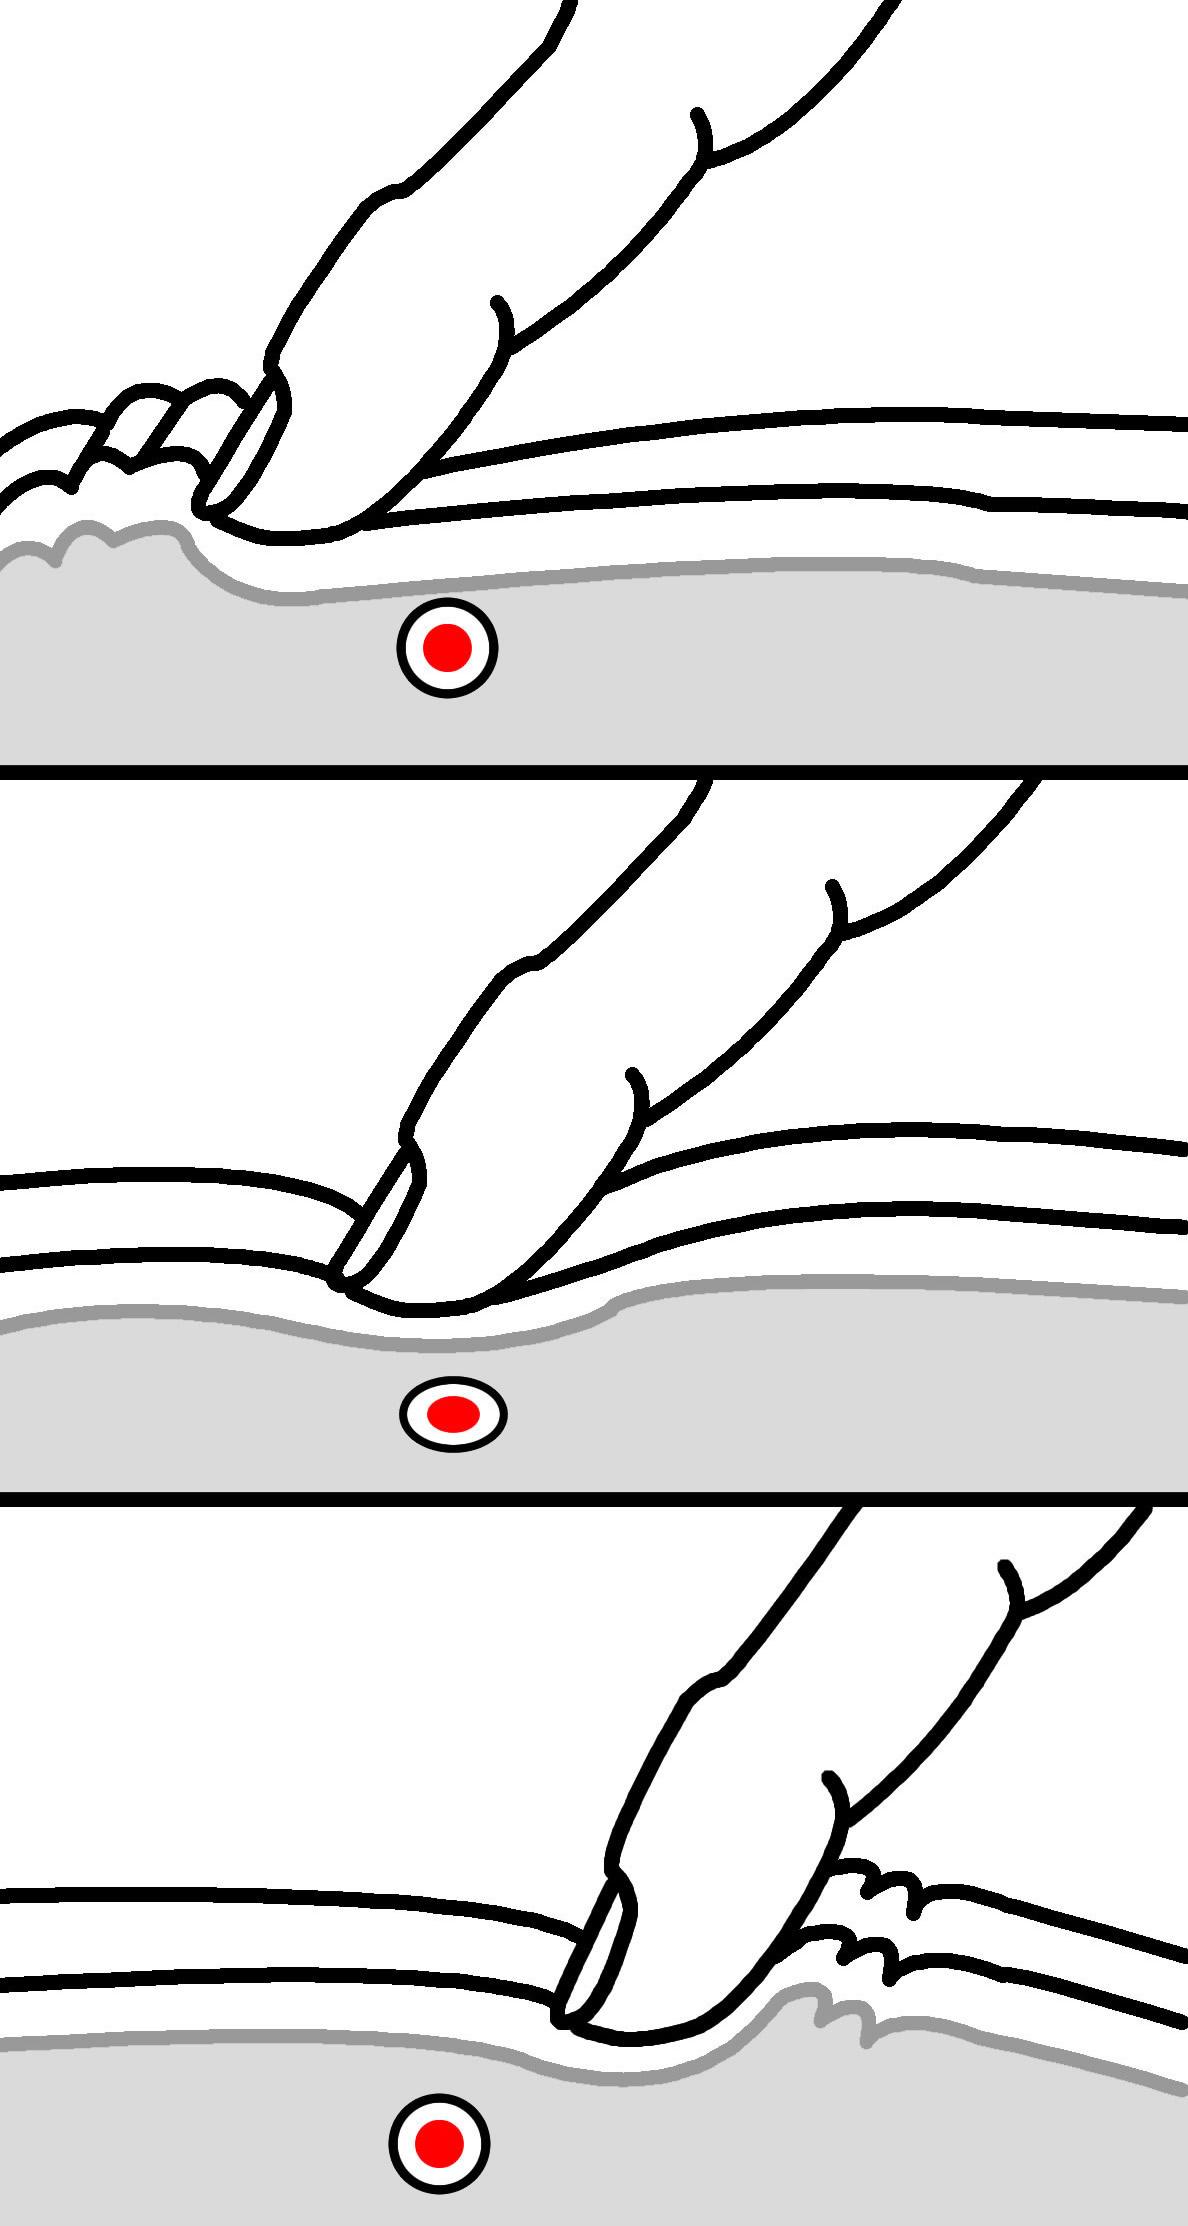 Fase 1 palpazione e messa a nudo delle tette di mia moglie - 5 9